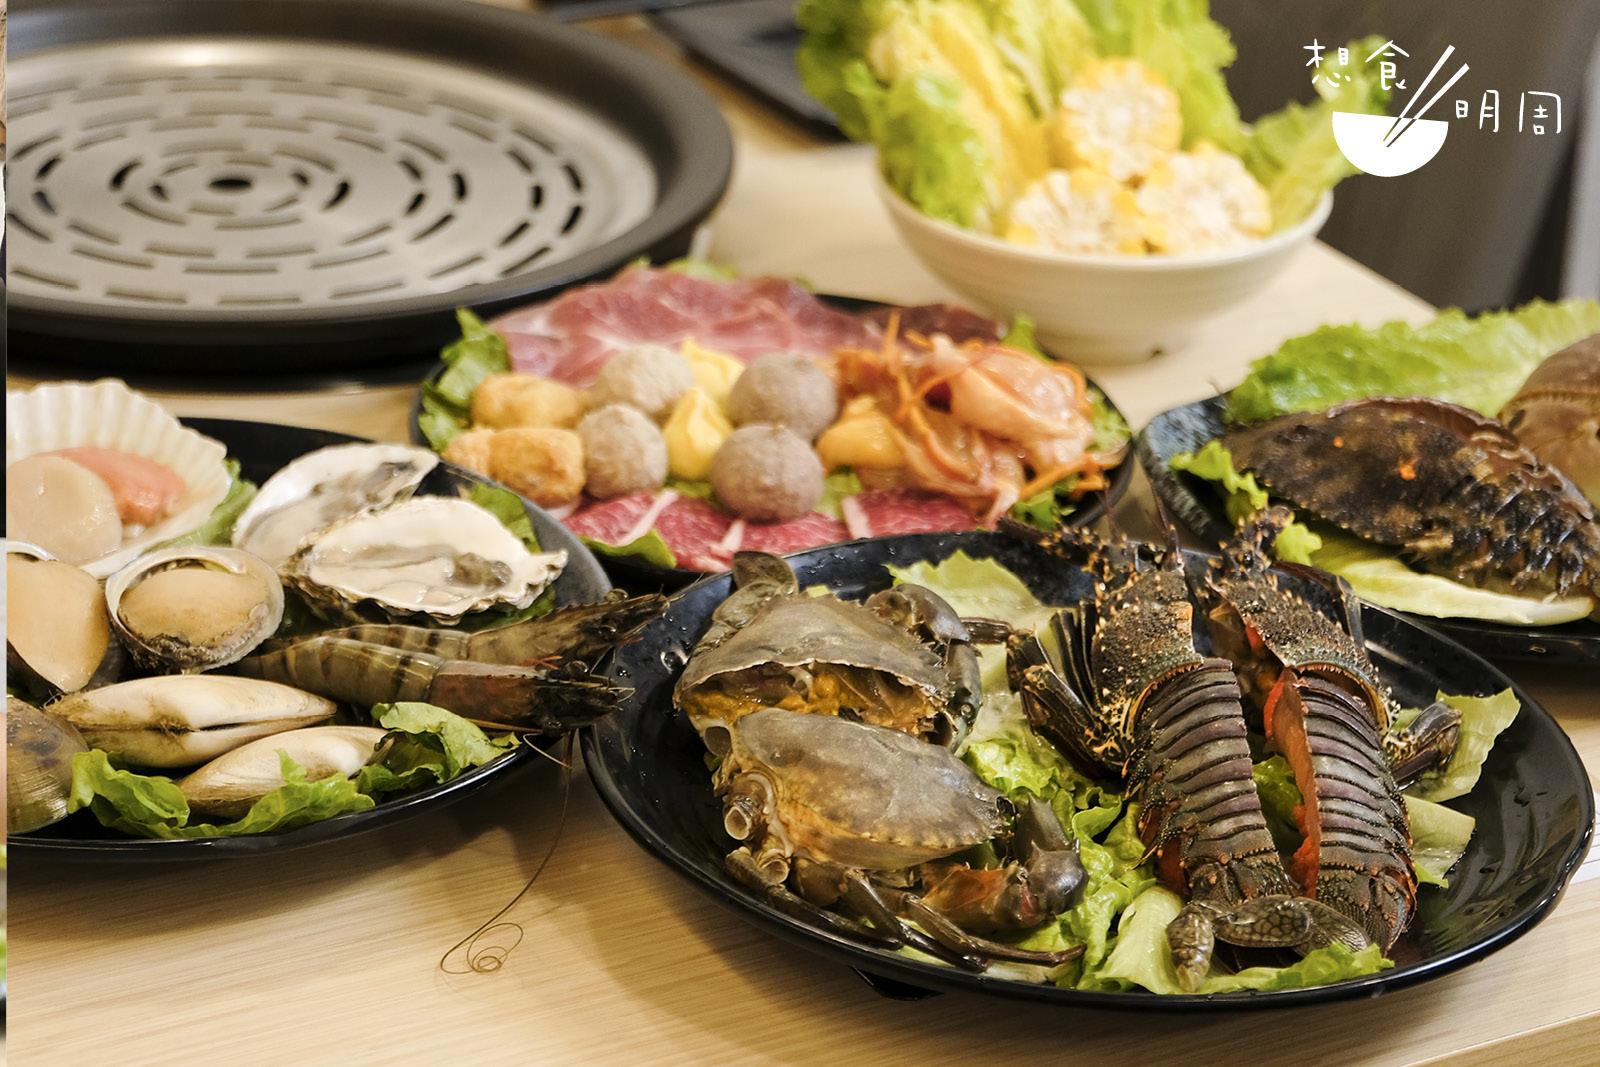 吃海鮮鍋絕對不能心急,而且吃海鮮的次序也講究的!